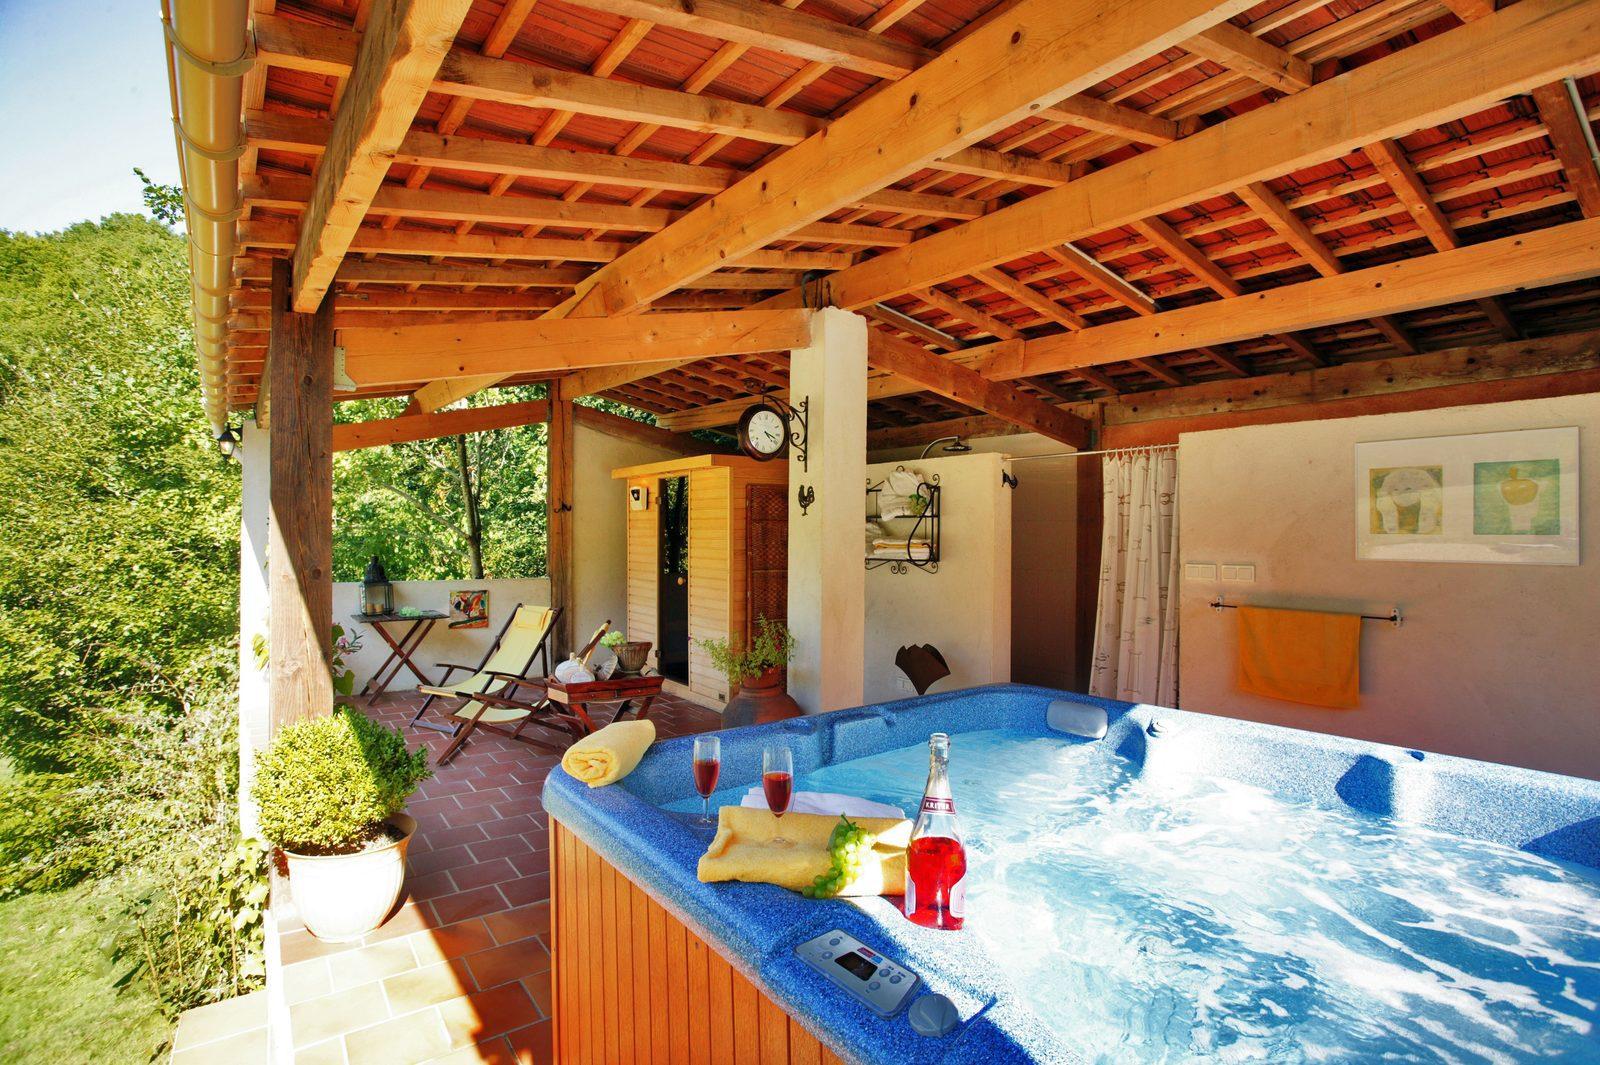 Frankrijk, Dordogne, Souillac, sauna, jacuzzi, vakantie, vakantiehuis, romantisch